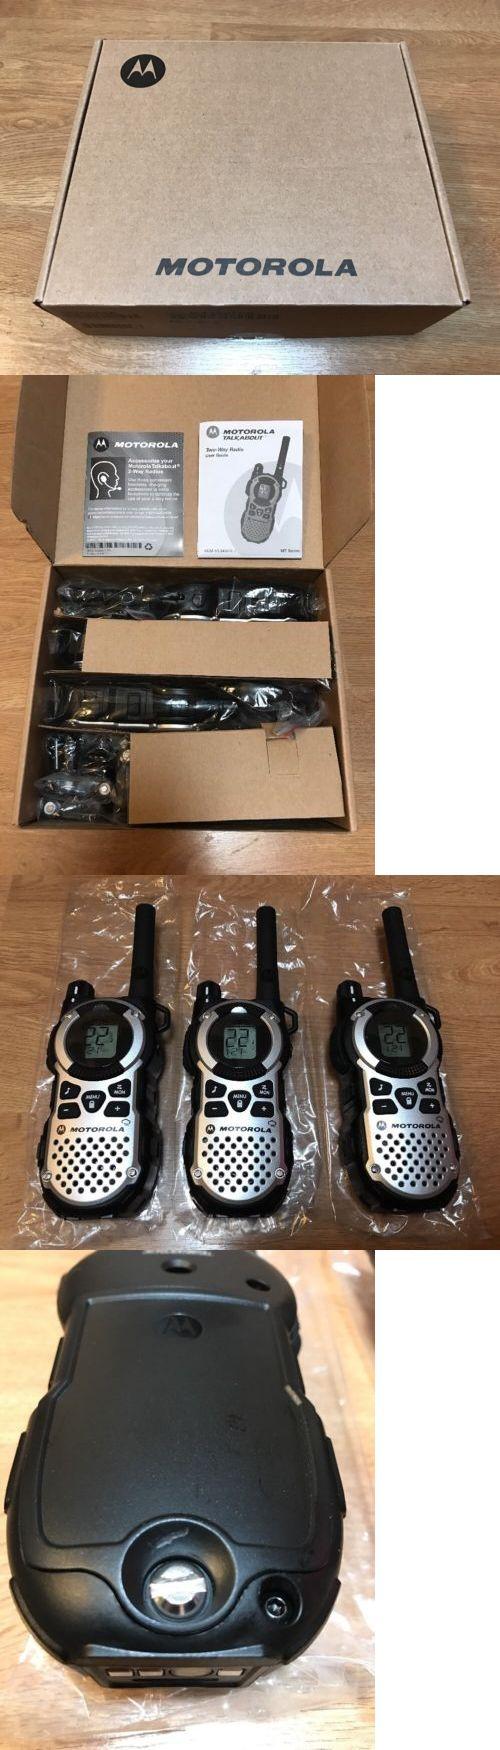 Walkie Talkies Two-Way Radios: Motorola Mt352tpr - 35 Mile Range Talkabout 2-Way Radios, 3-Pack -> BUY IT NOW ONLY: $120 on eBay!